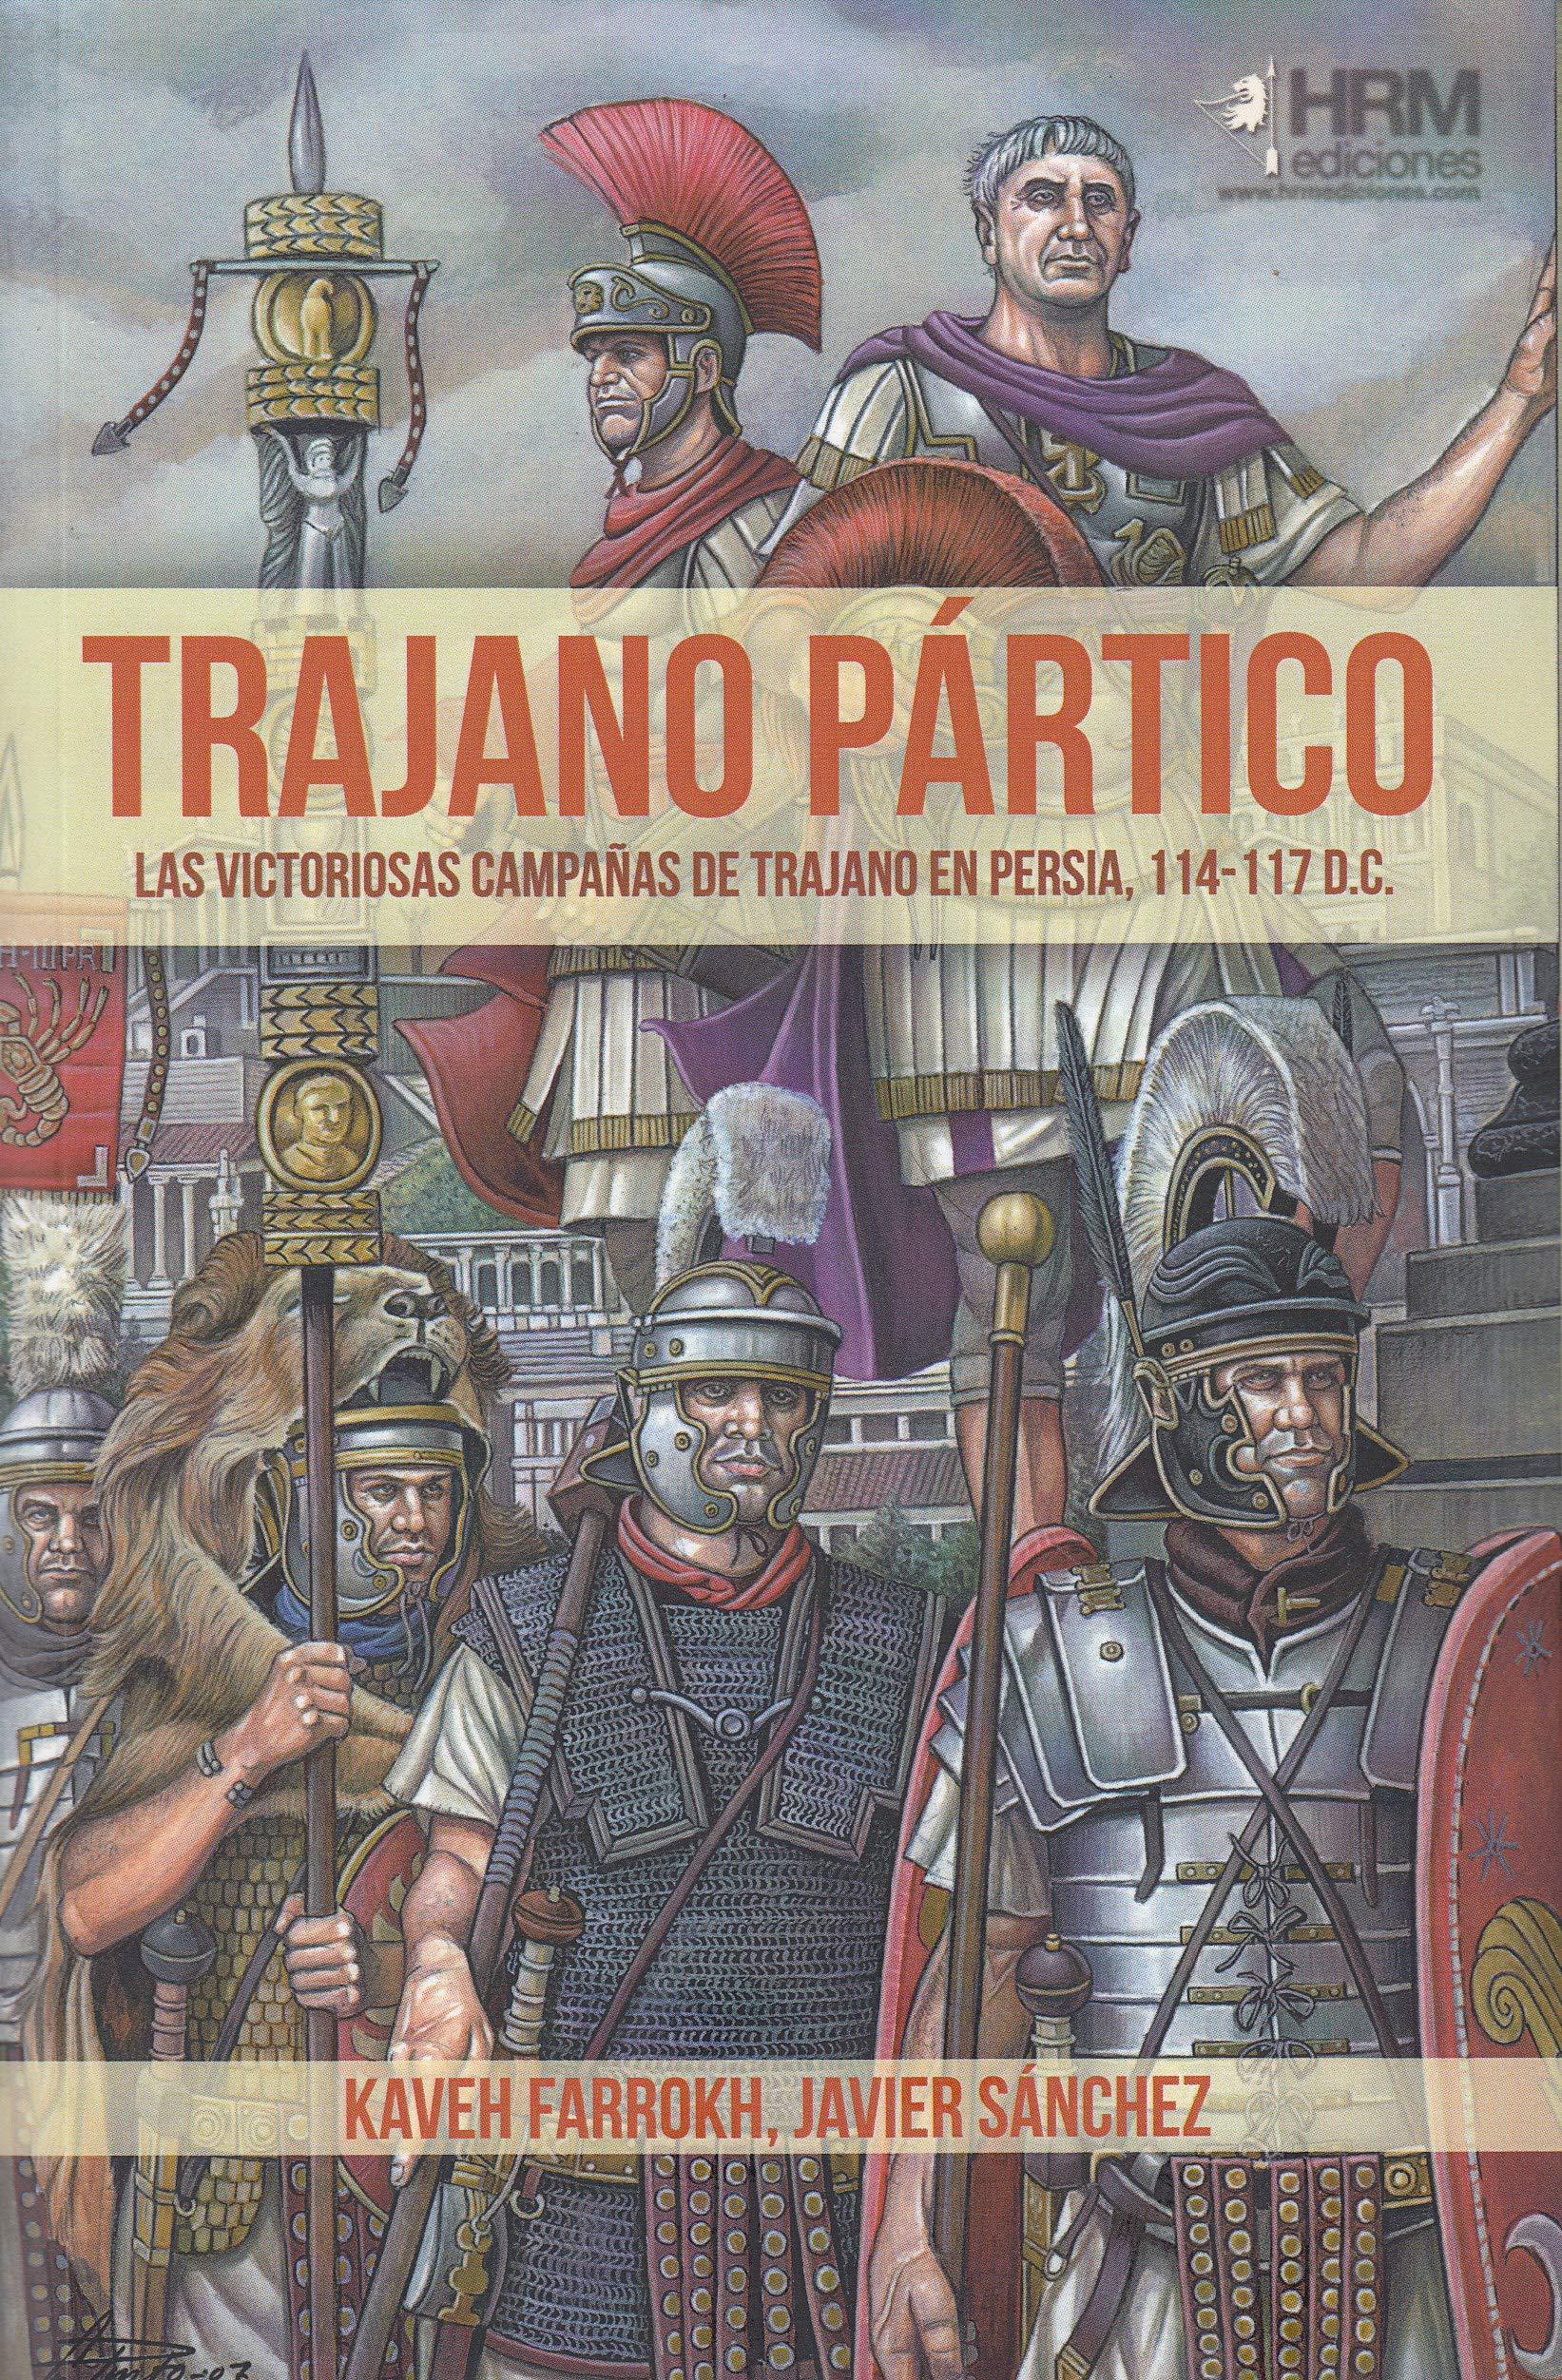 Image result for Trajano Pártico Las Victoriosas Campañas De Trajano En Persia, 114-117 D.C.